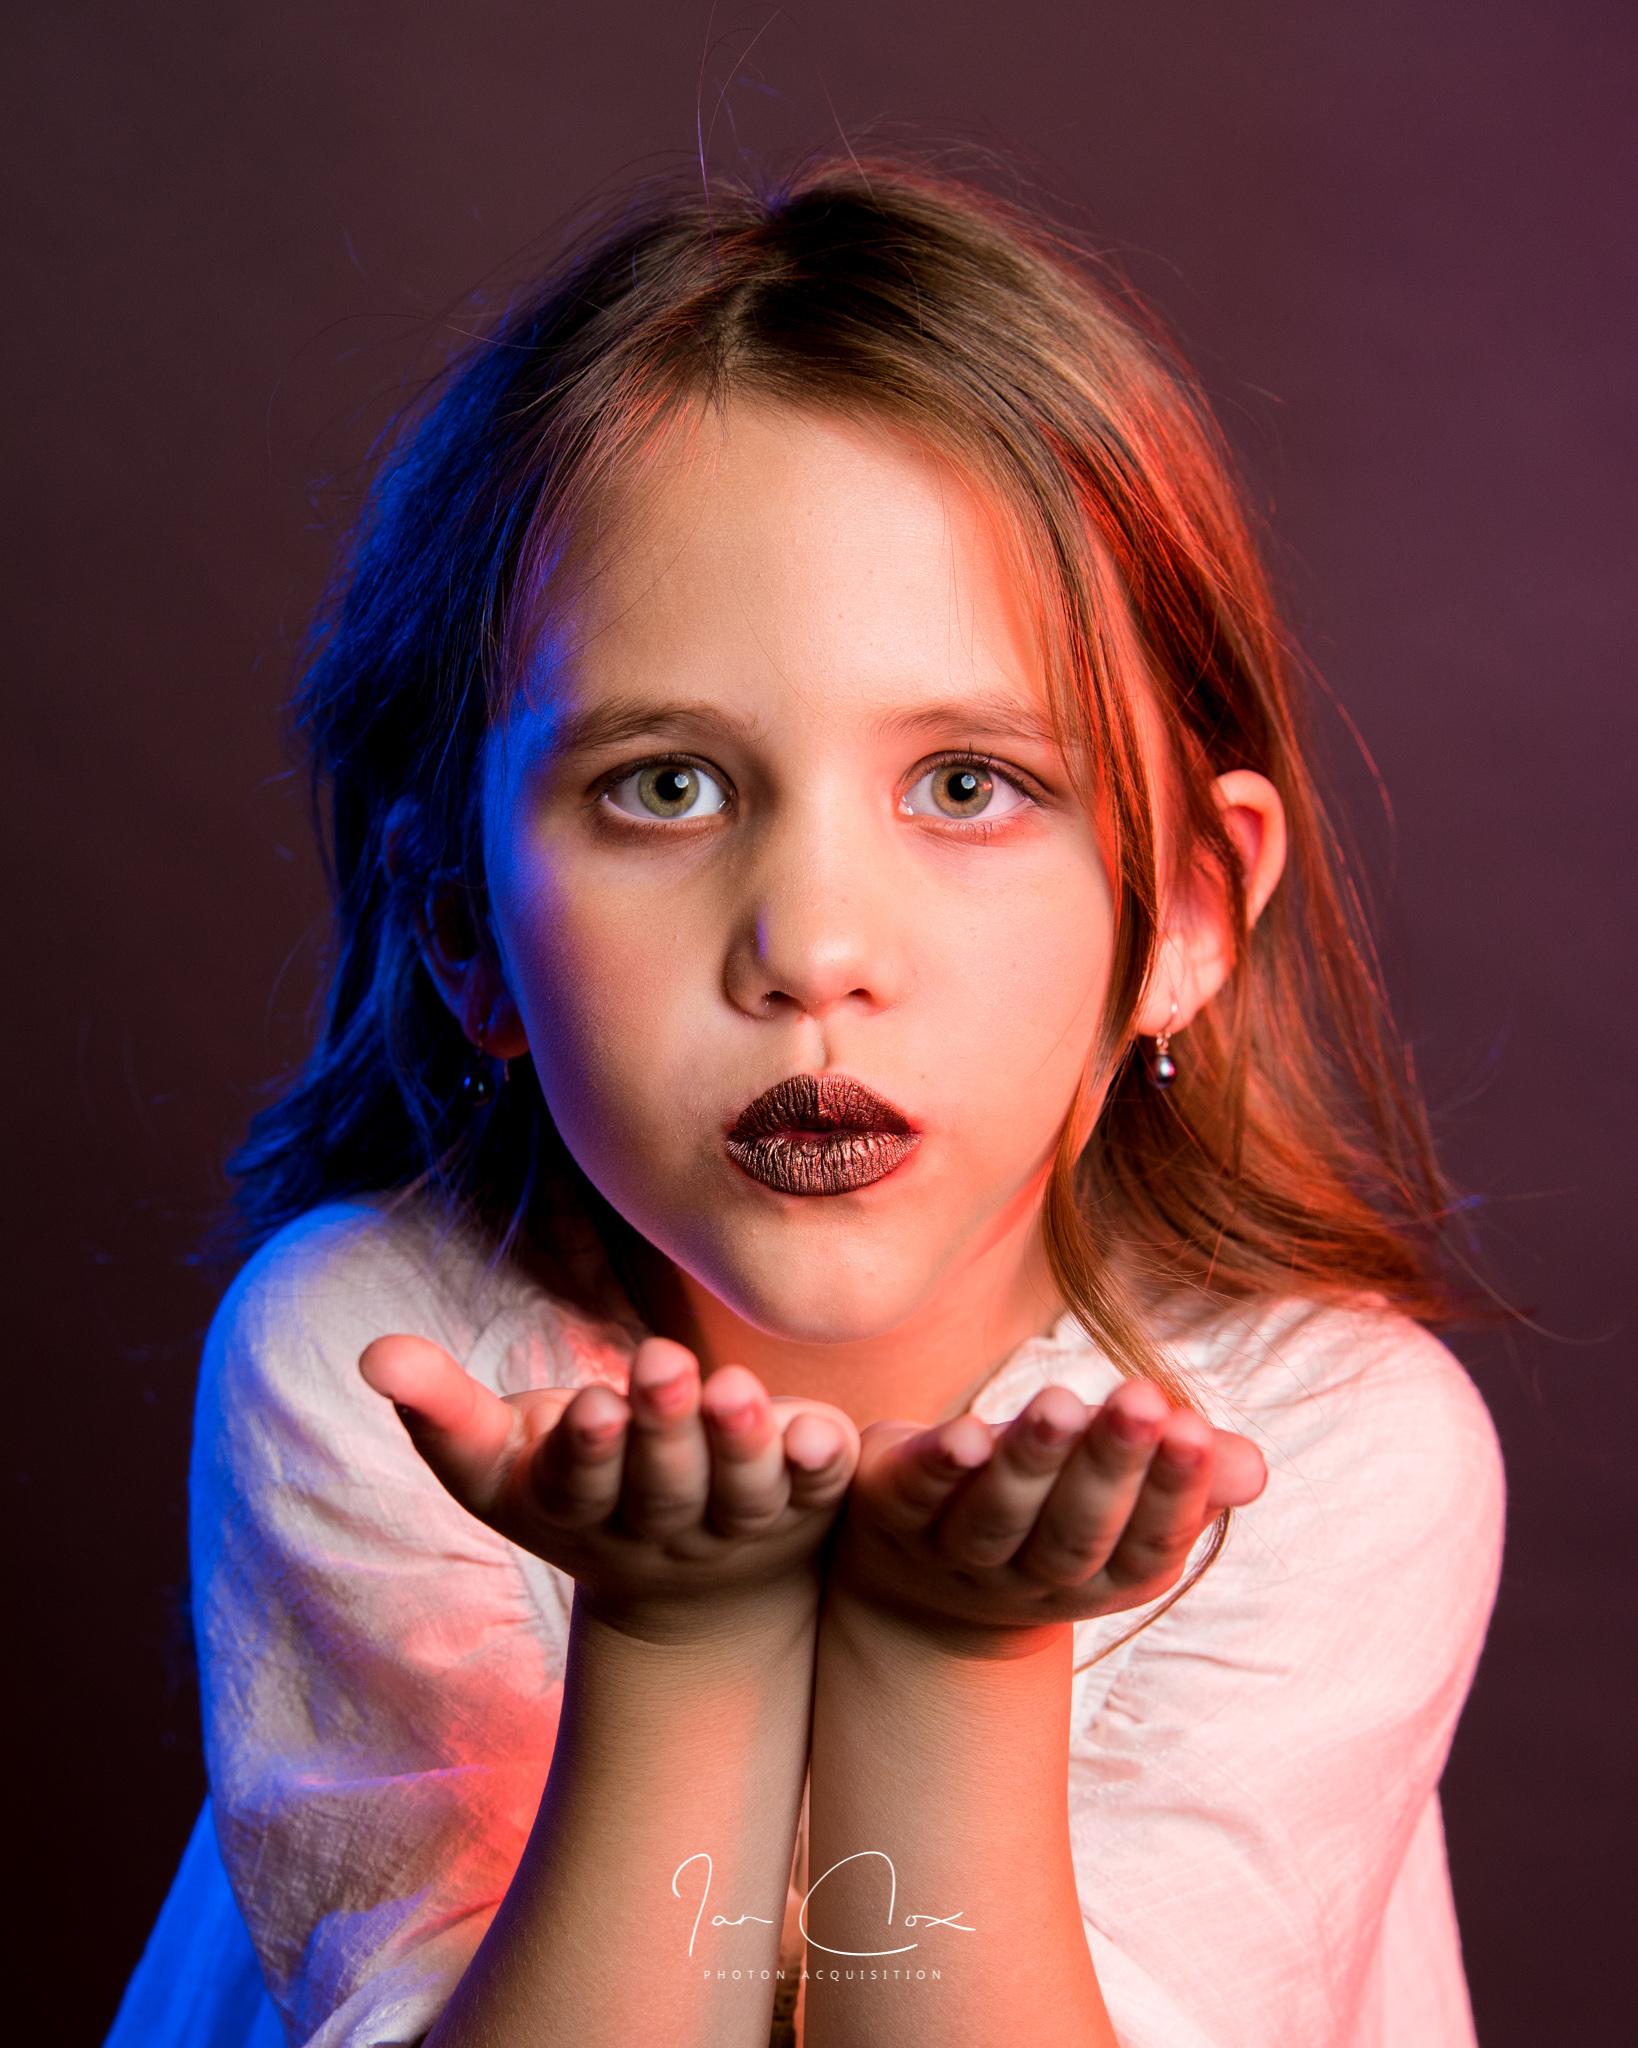 Sophie Lilyquist (HMUA: Rebekah Fuhriman)